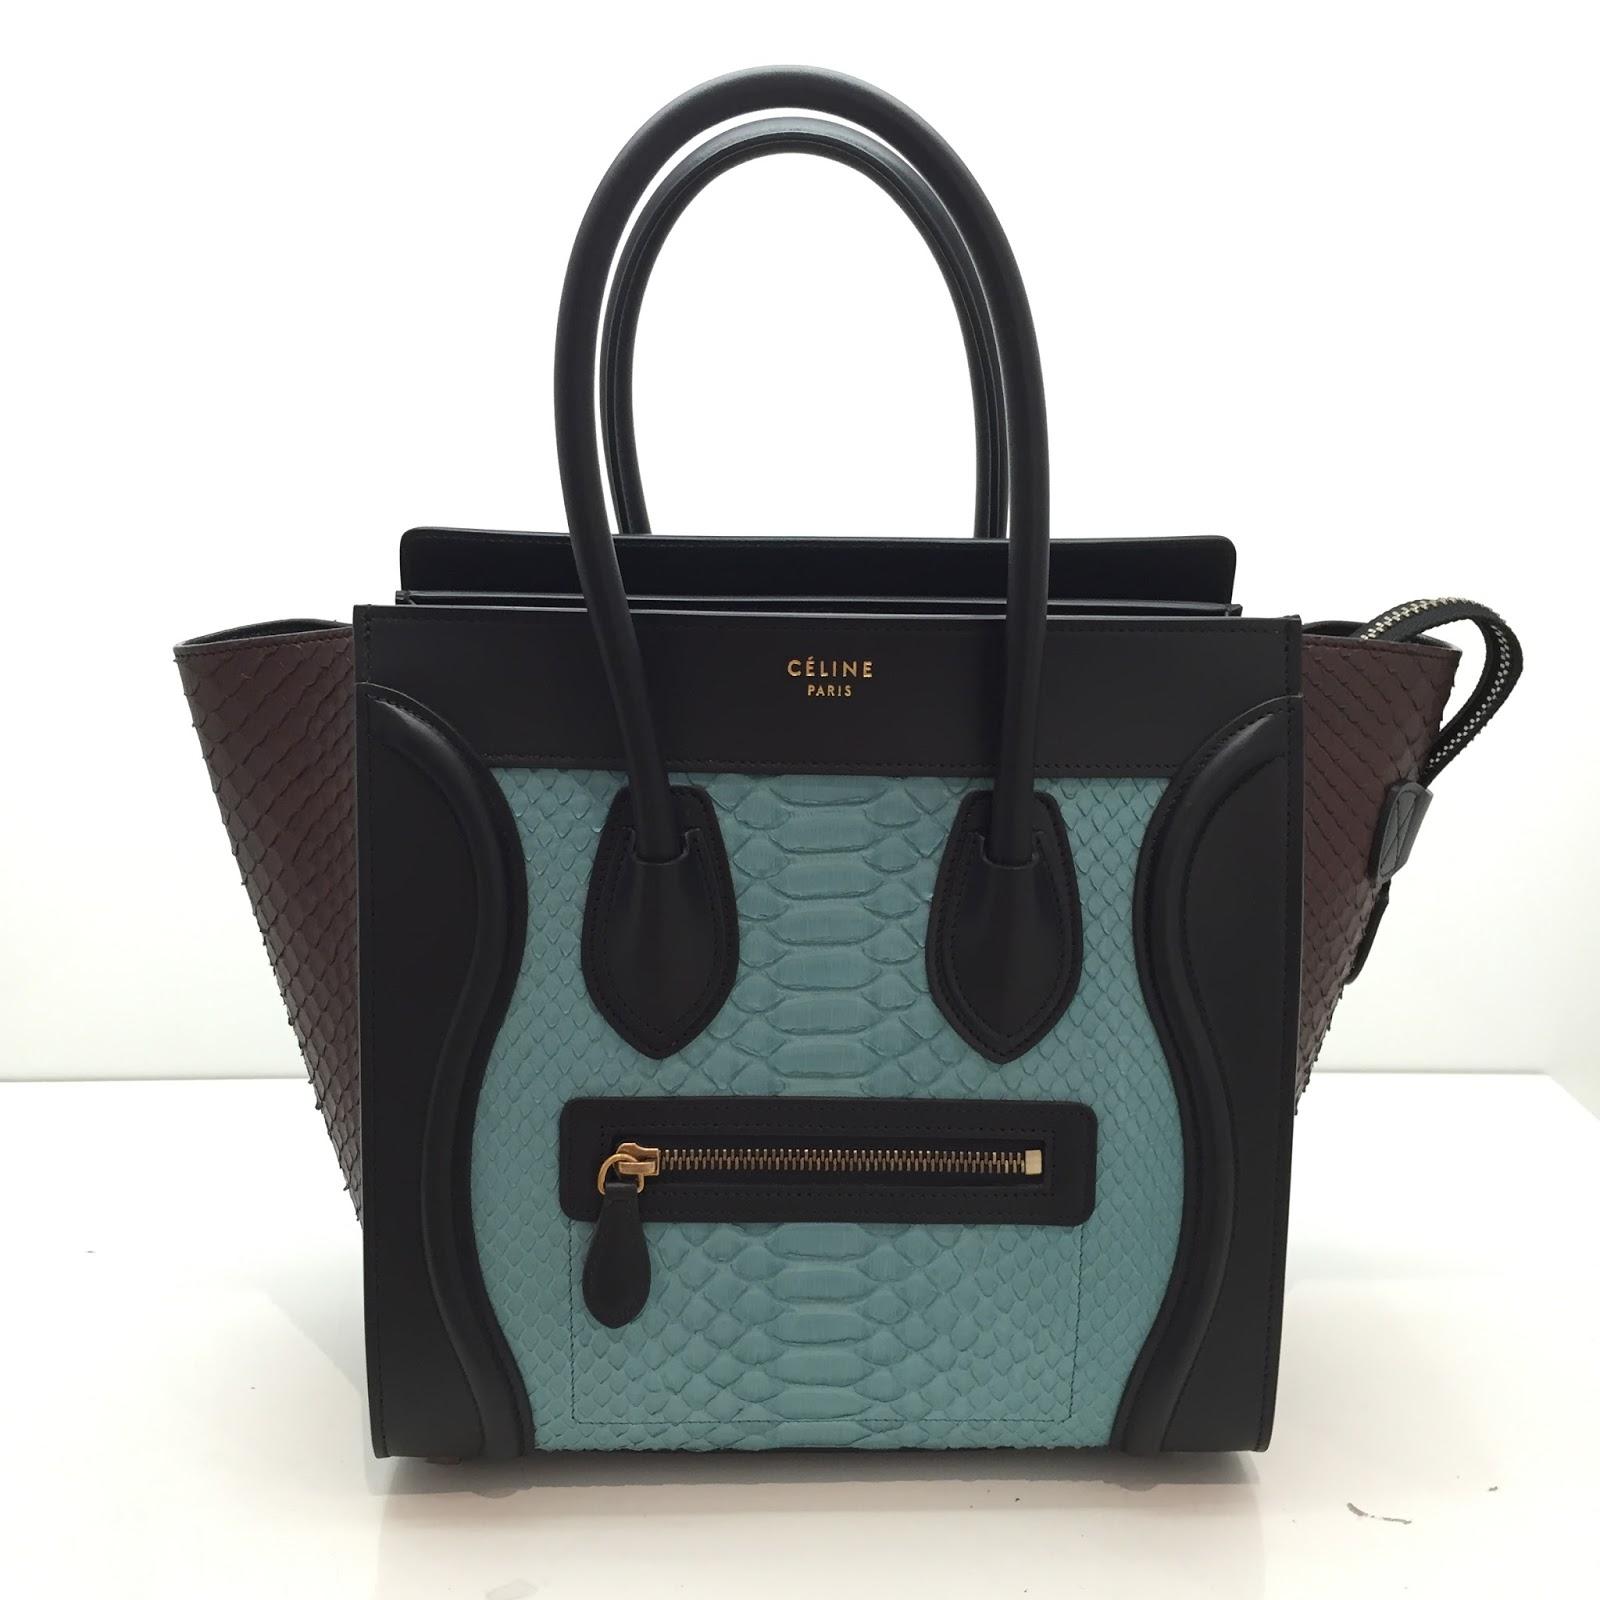 426fac9a1e5 Petite Impact  Bags! Purses! Handbags! Oh My!